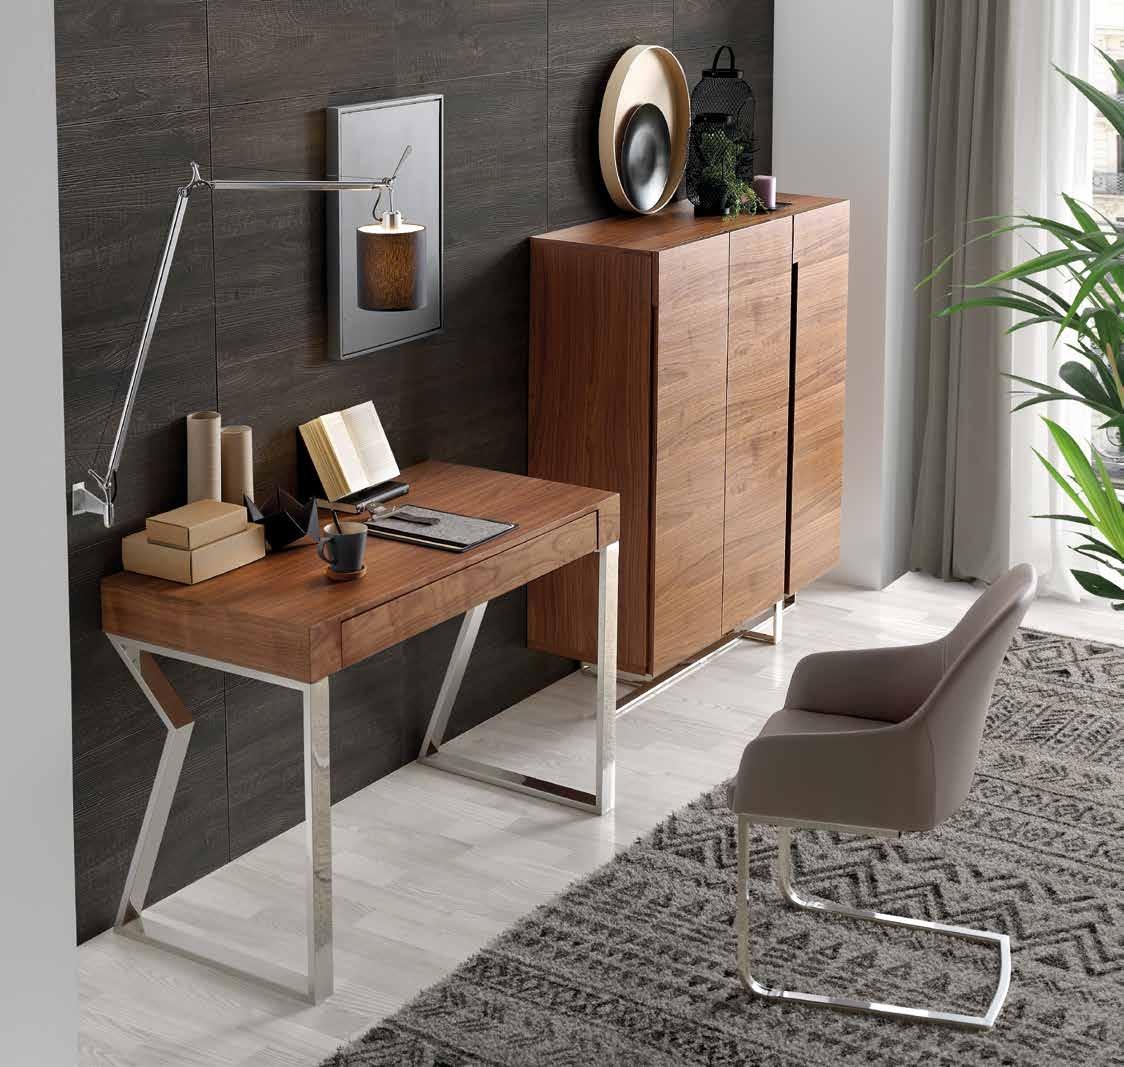 ESCRITORIO CATANIA - ESCRITORIO CATANIA, Mesa de escritorio fija con sobre de MDF lacado en blanco y cajón integrado.